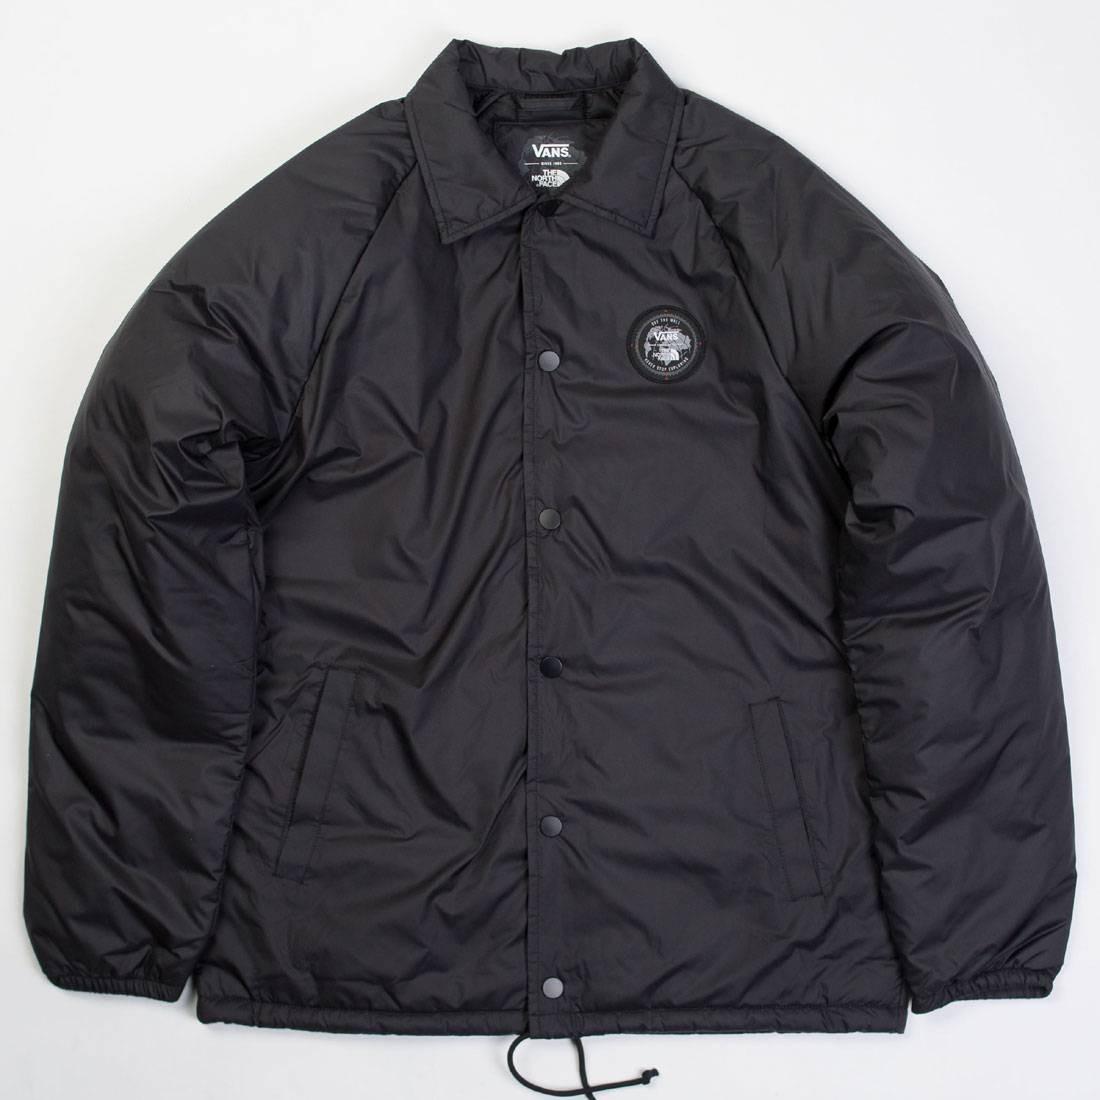 Vans x The North Face Men Torrey Jacket